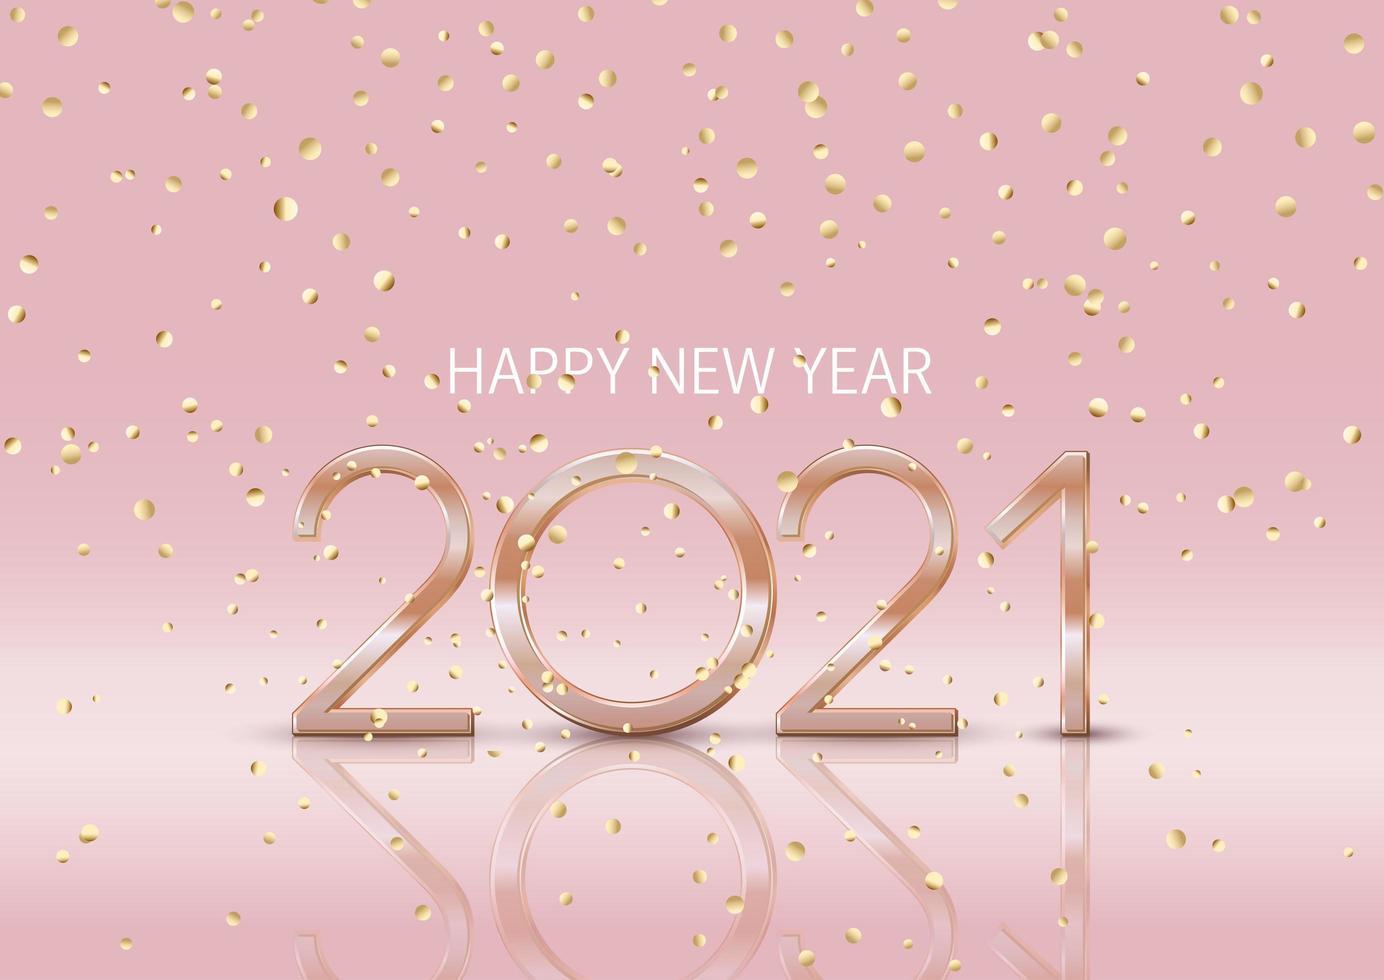 feliz ano novo fundo com confete dourado vetor